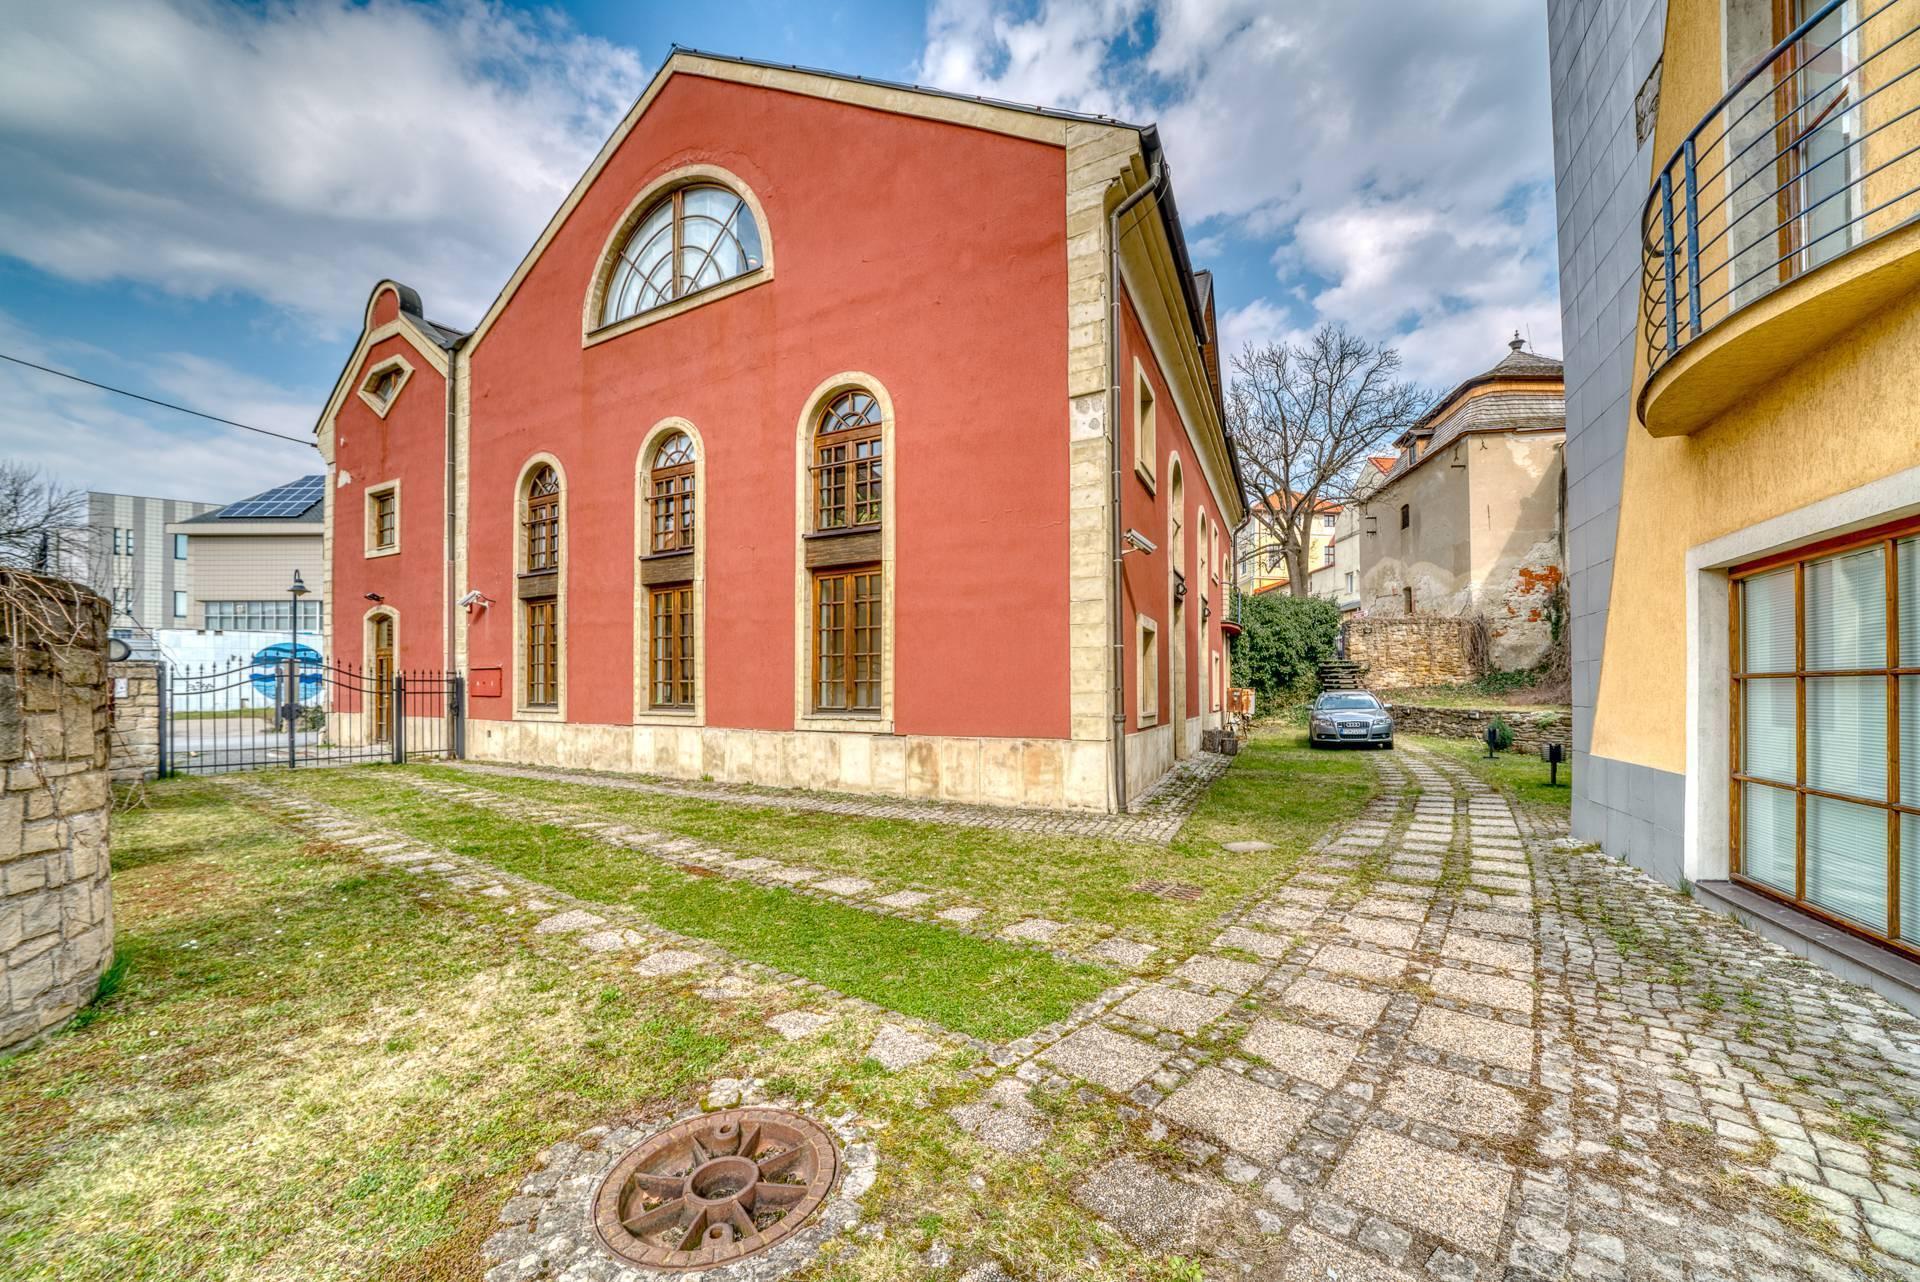 Komerčné priestory na prenájom, plocha 177 m2, ulica Okružná, Prešov